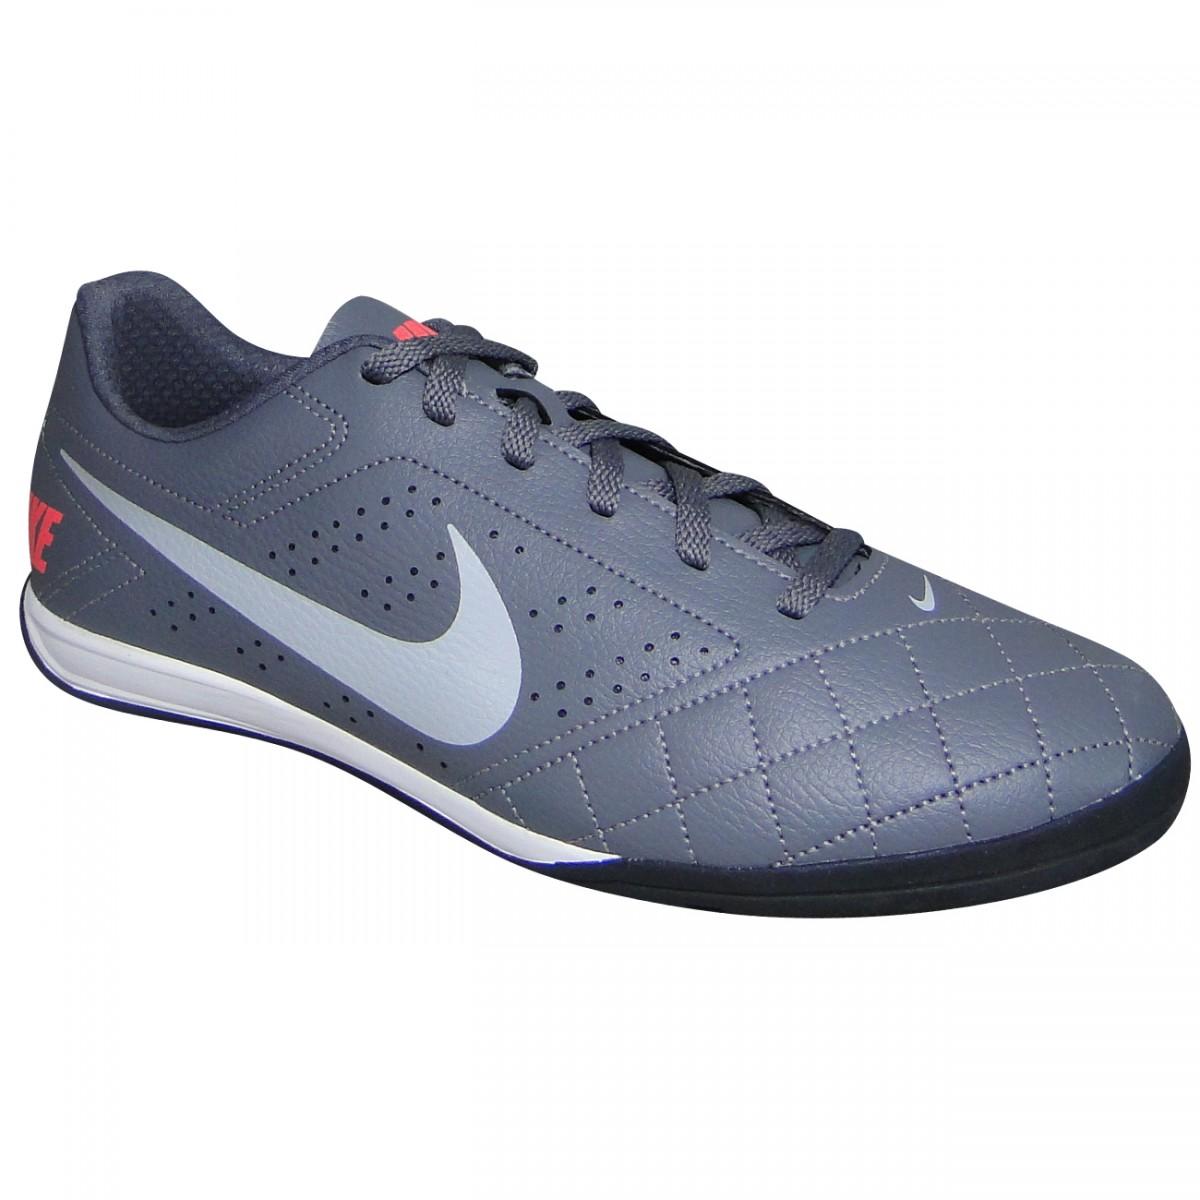 813cdb654b Tenis Nike Beco 2 646433 016 - Chumbo Cinza Coral - Chuteira Nike ...